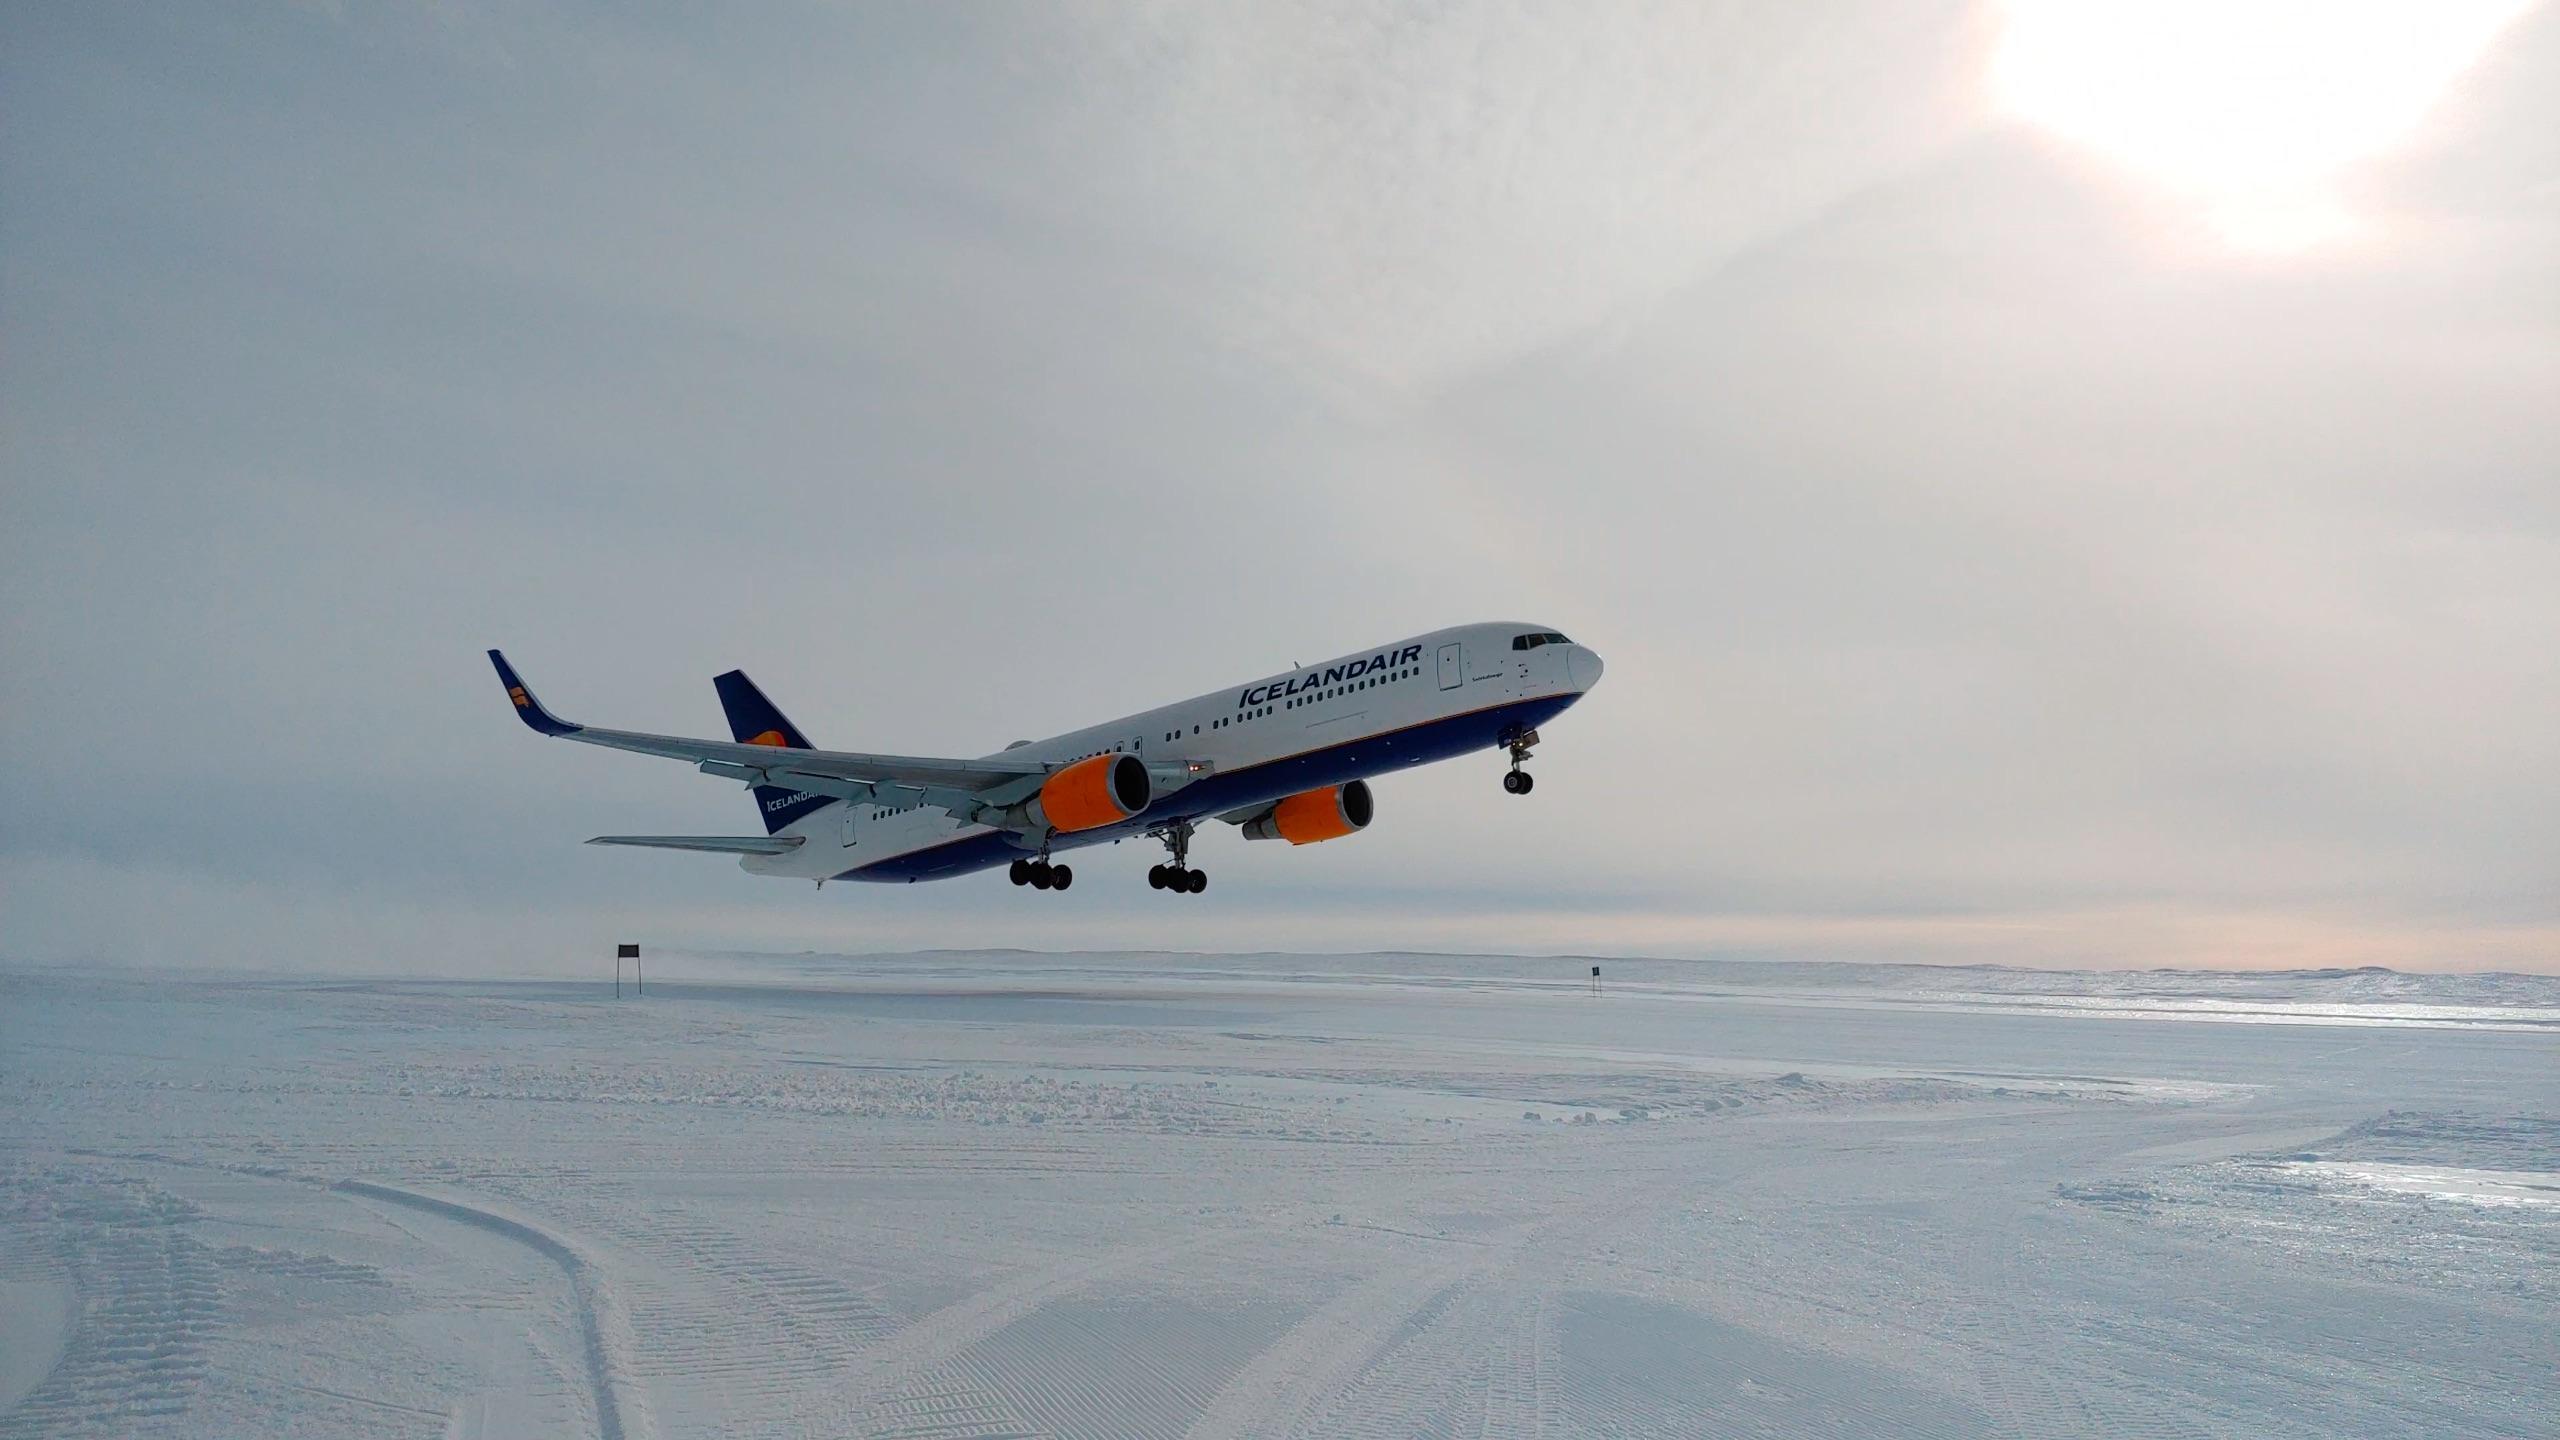 Icelandair 767 departing Troll Airfield